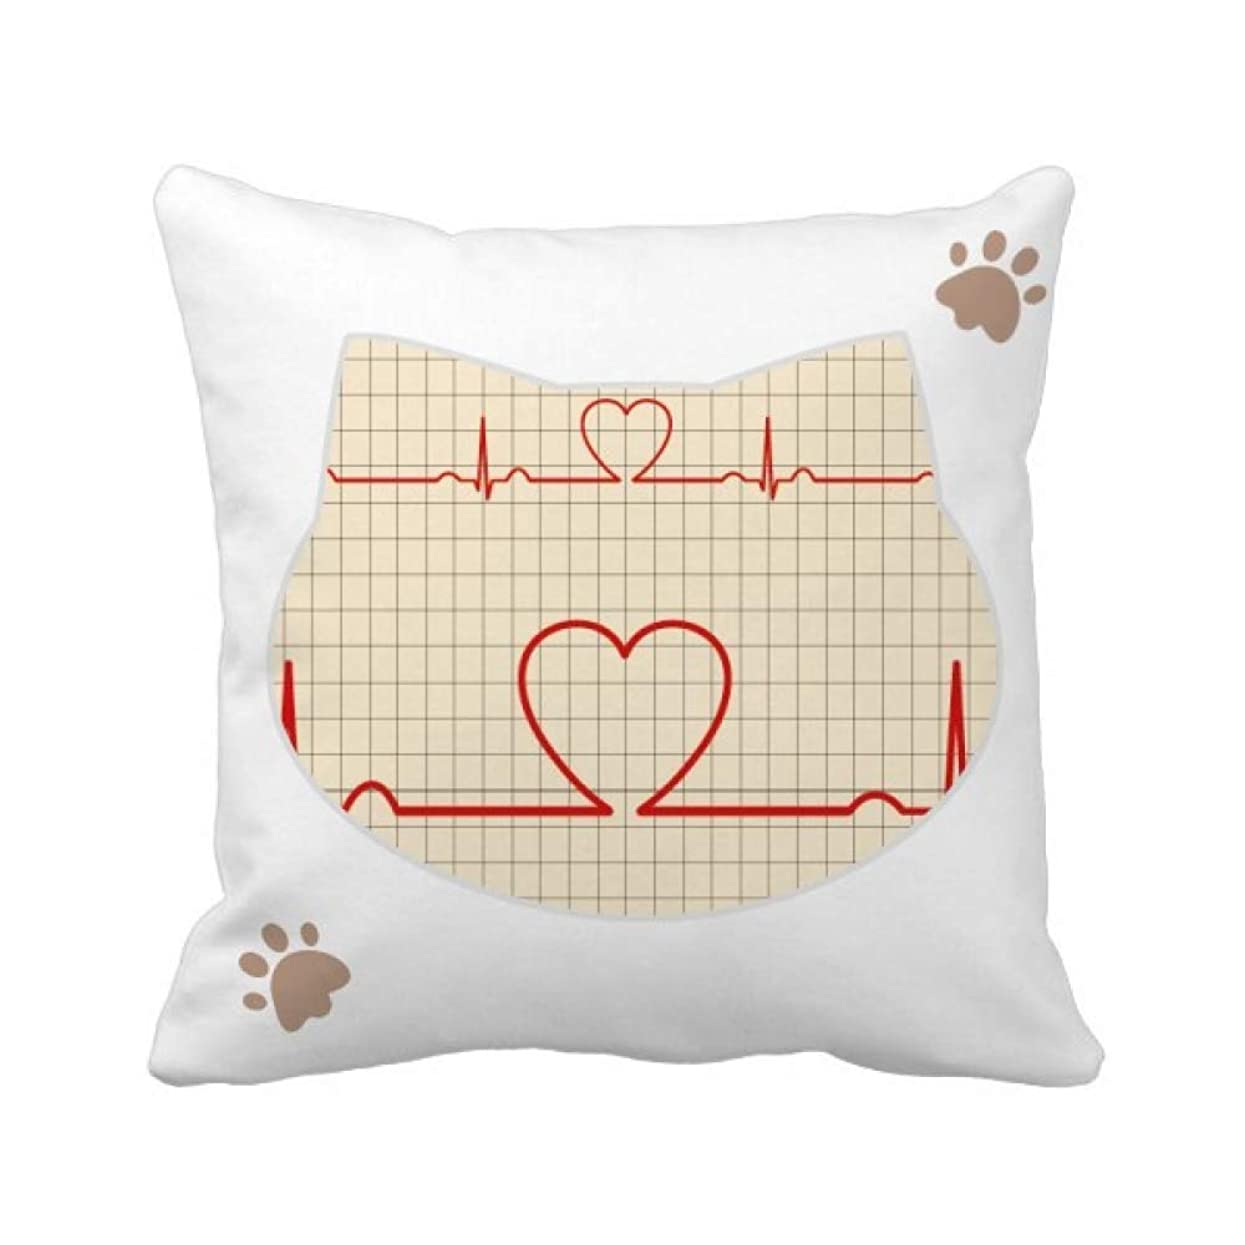 小石流産ジョグ心電図の心の創造的なデザインパターン 枕カバーを放り投げる猫広場 50cm x 50cm